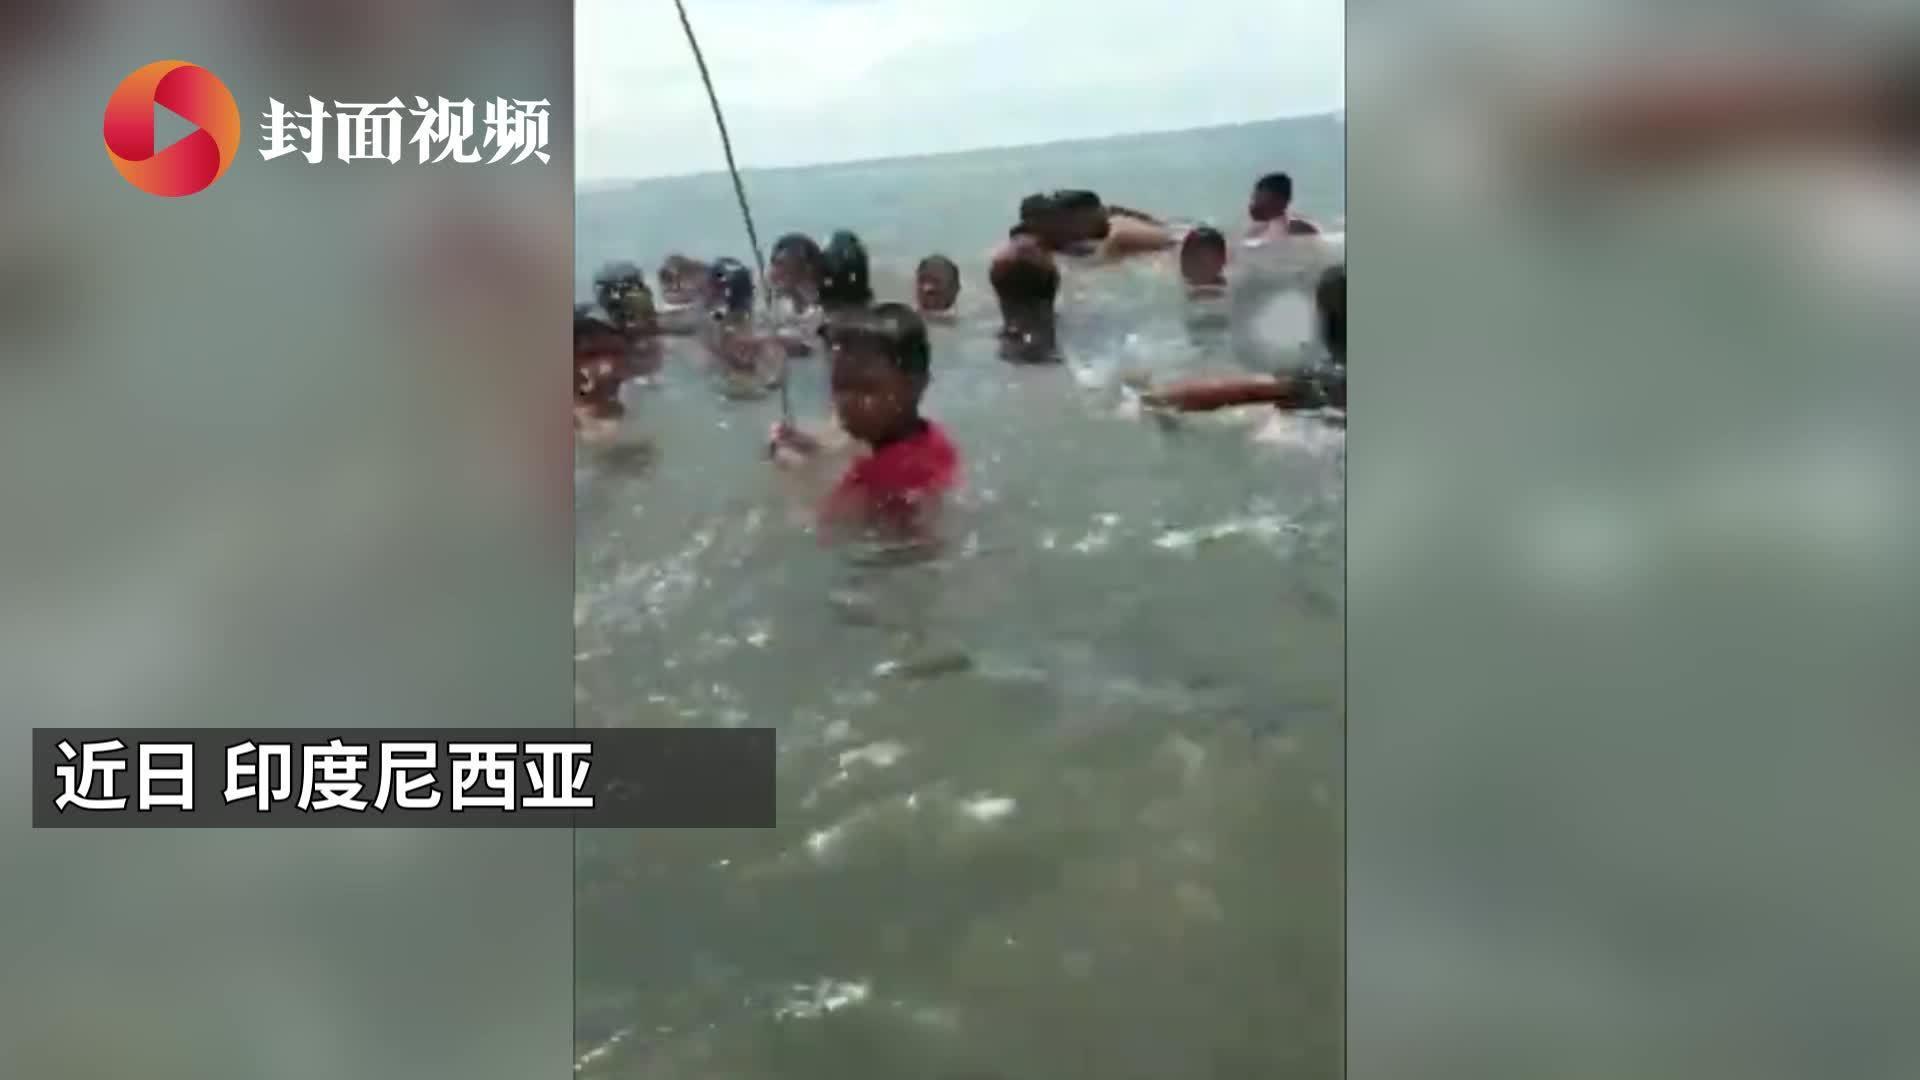 印度尼西亚一虎鲸搁浅 村民以为是海豚纷纷拥抱合影